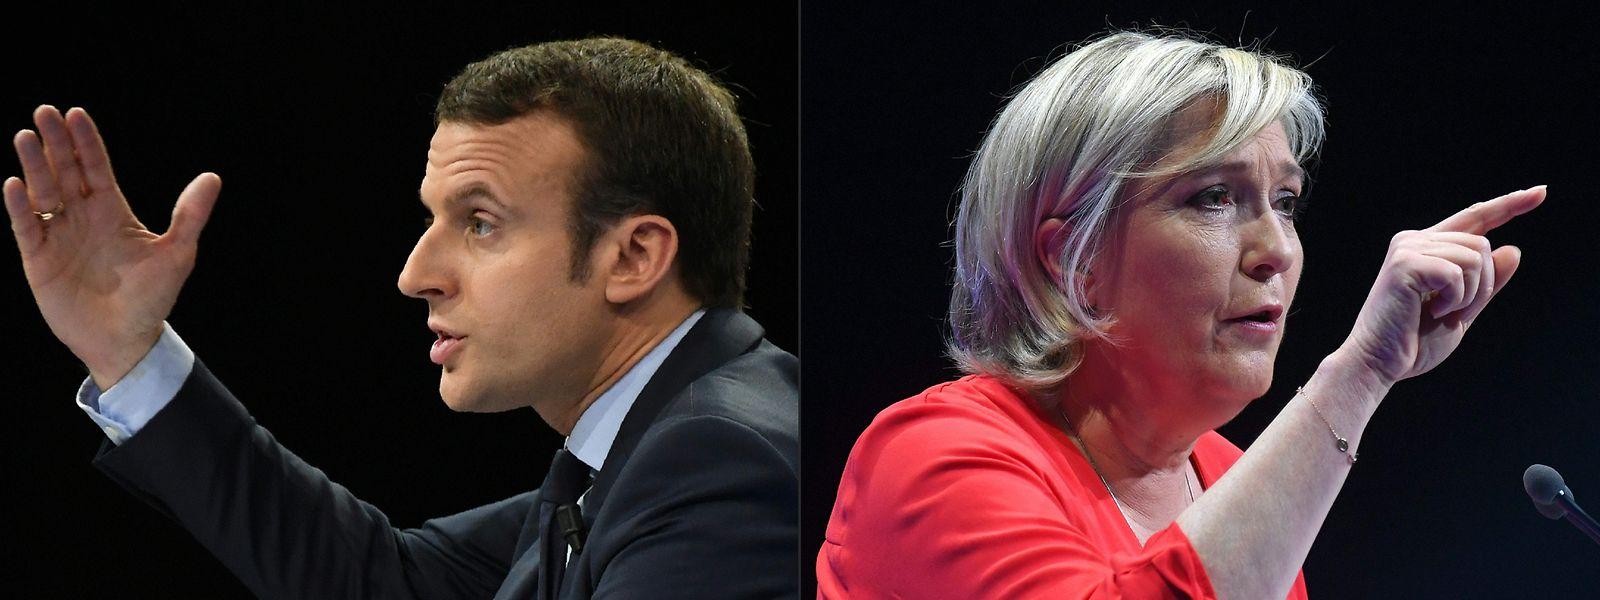 Un scénario probable en 2022: Un deuxième tour avec Emmanuel Macron et Marine Le Pen, comme déjà en 2017.